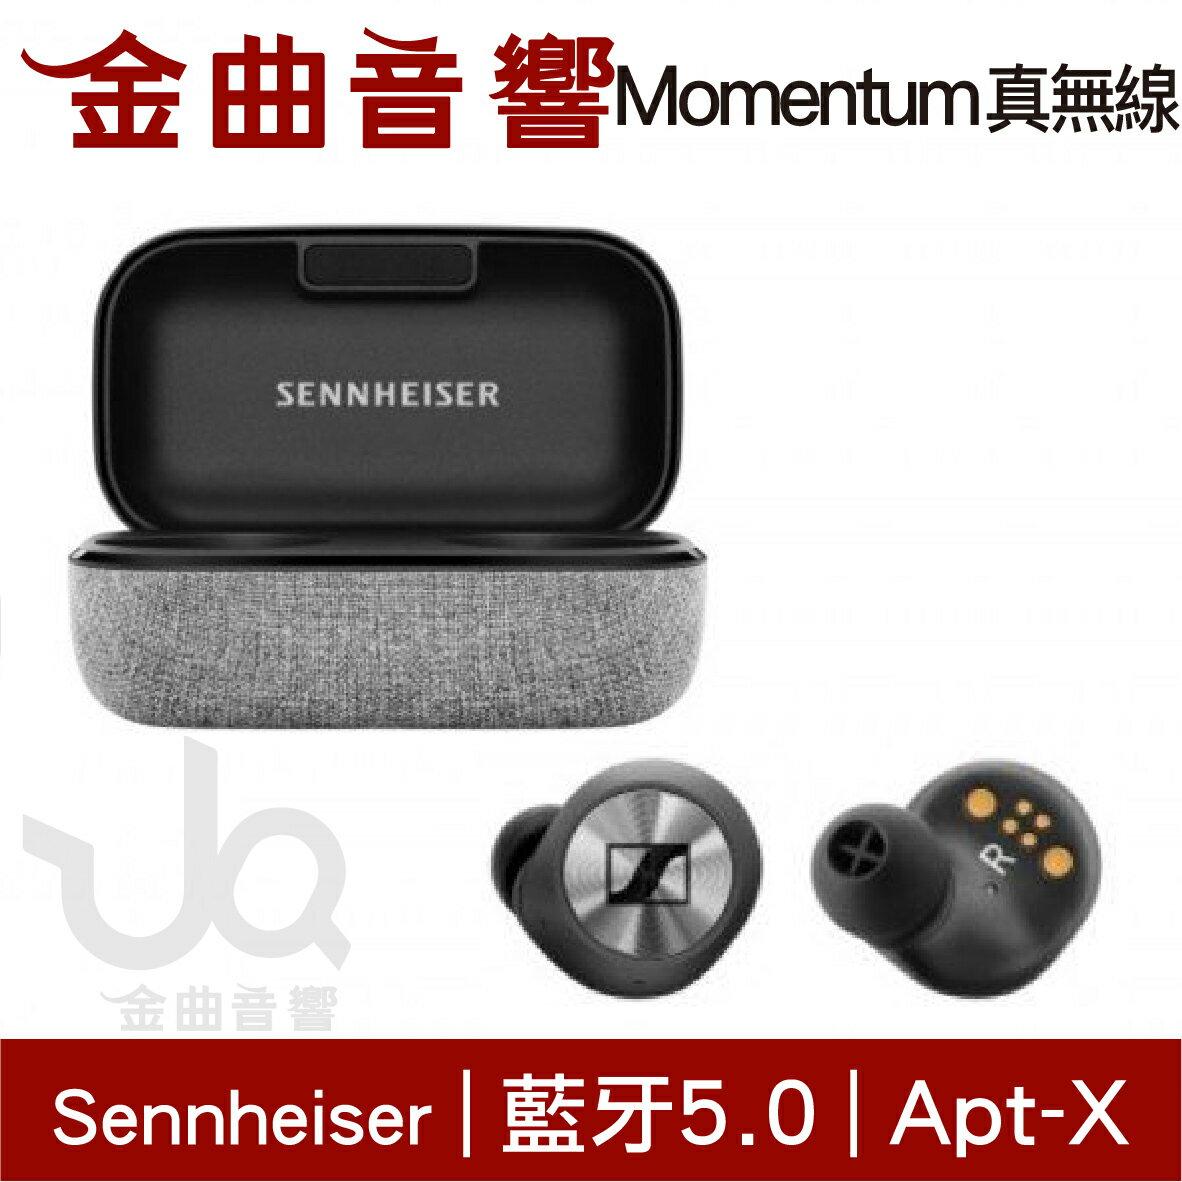 預購 SENNHEISER 聲海塞爾 M3IETW MOMENTUM True Wireless 藍芽真無線耳機 | 金曲音響